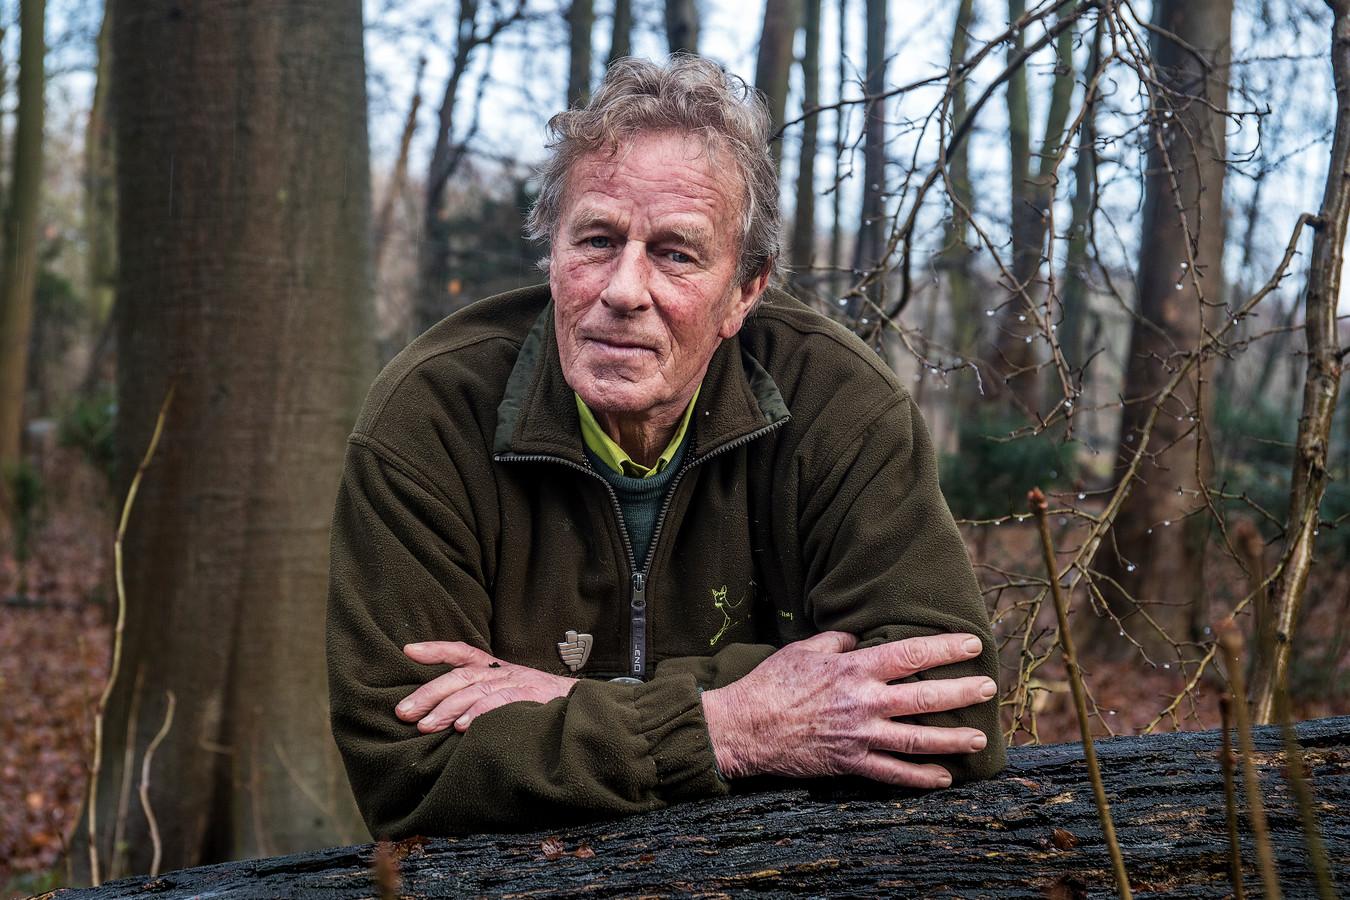 Boswachter Hans Hoogewerf, 40 jaar werkzaam bij de Stichting Het Utrechts Landschap.